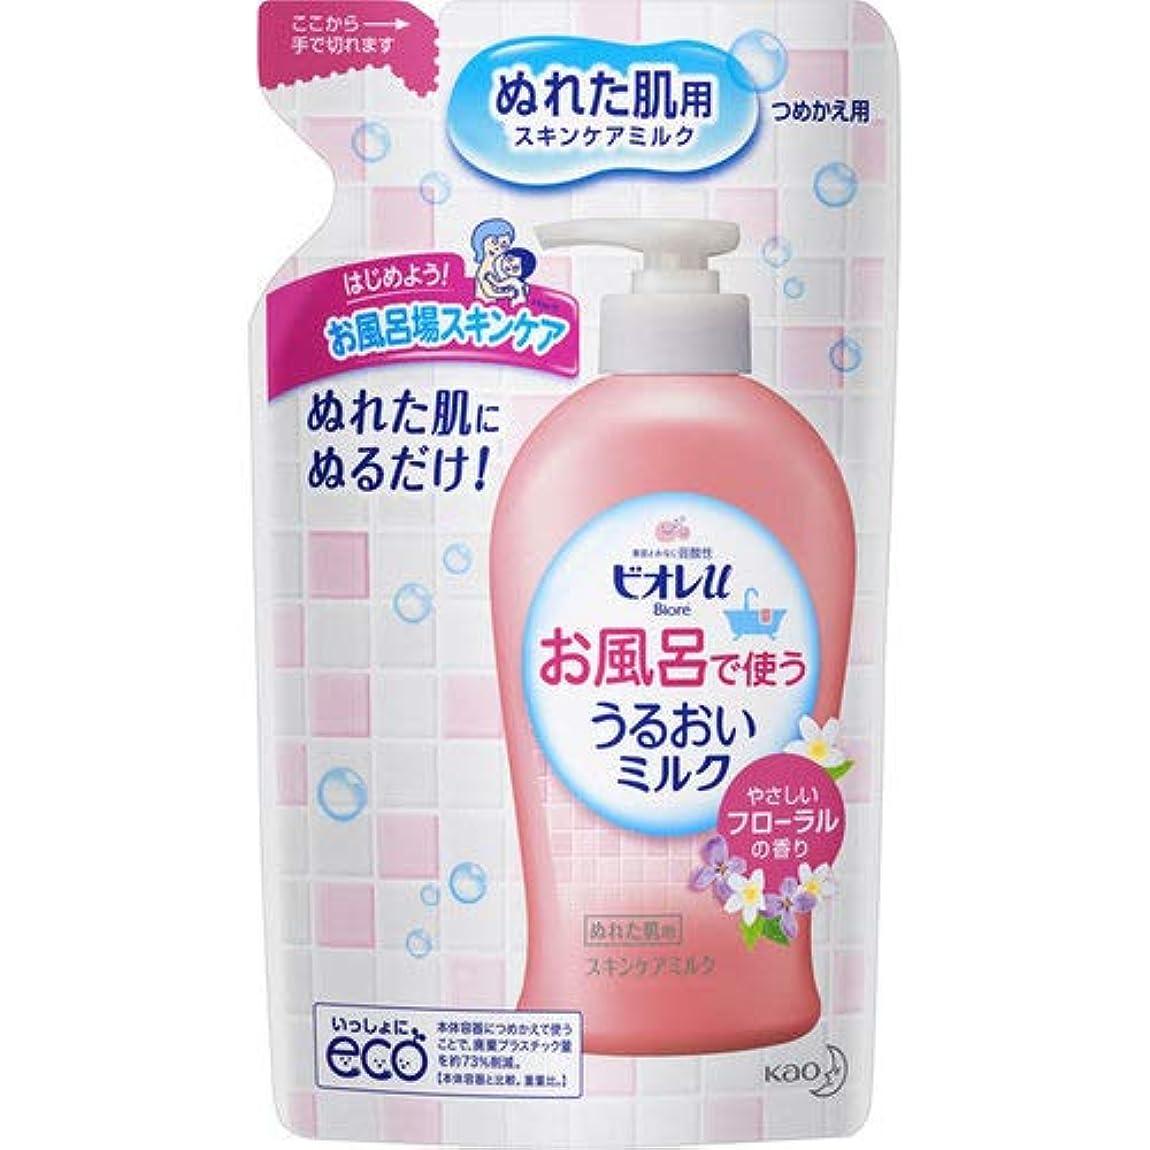 閃光援助するスラックビオレu お風呂で使ううるおいミルク フローラル つめかえ用 250mL